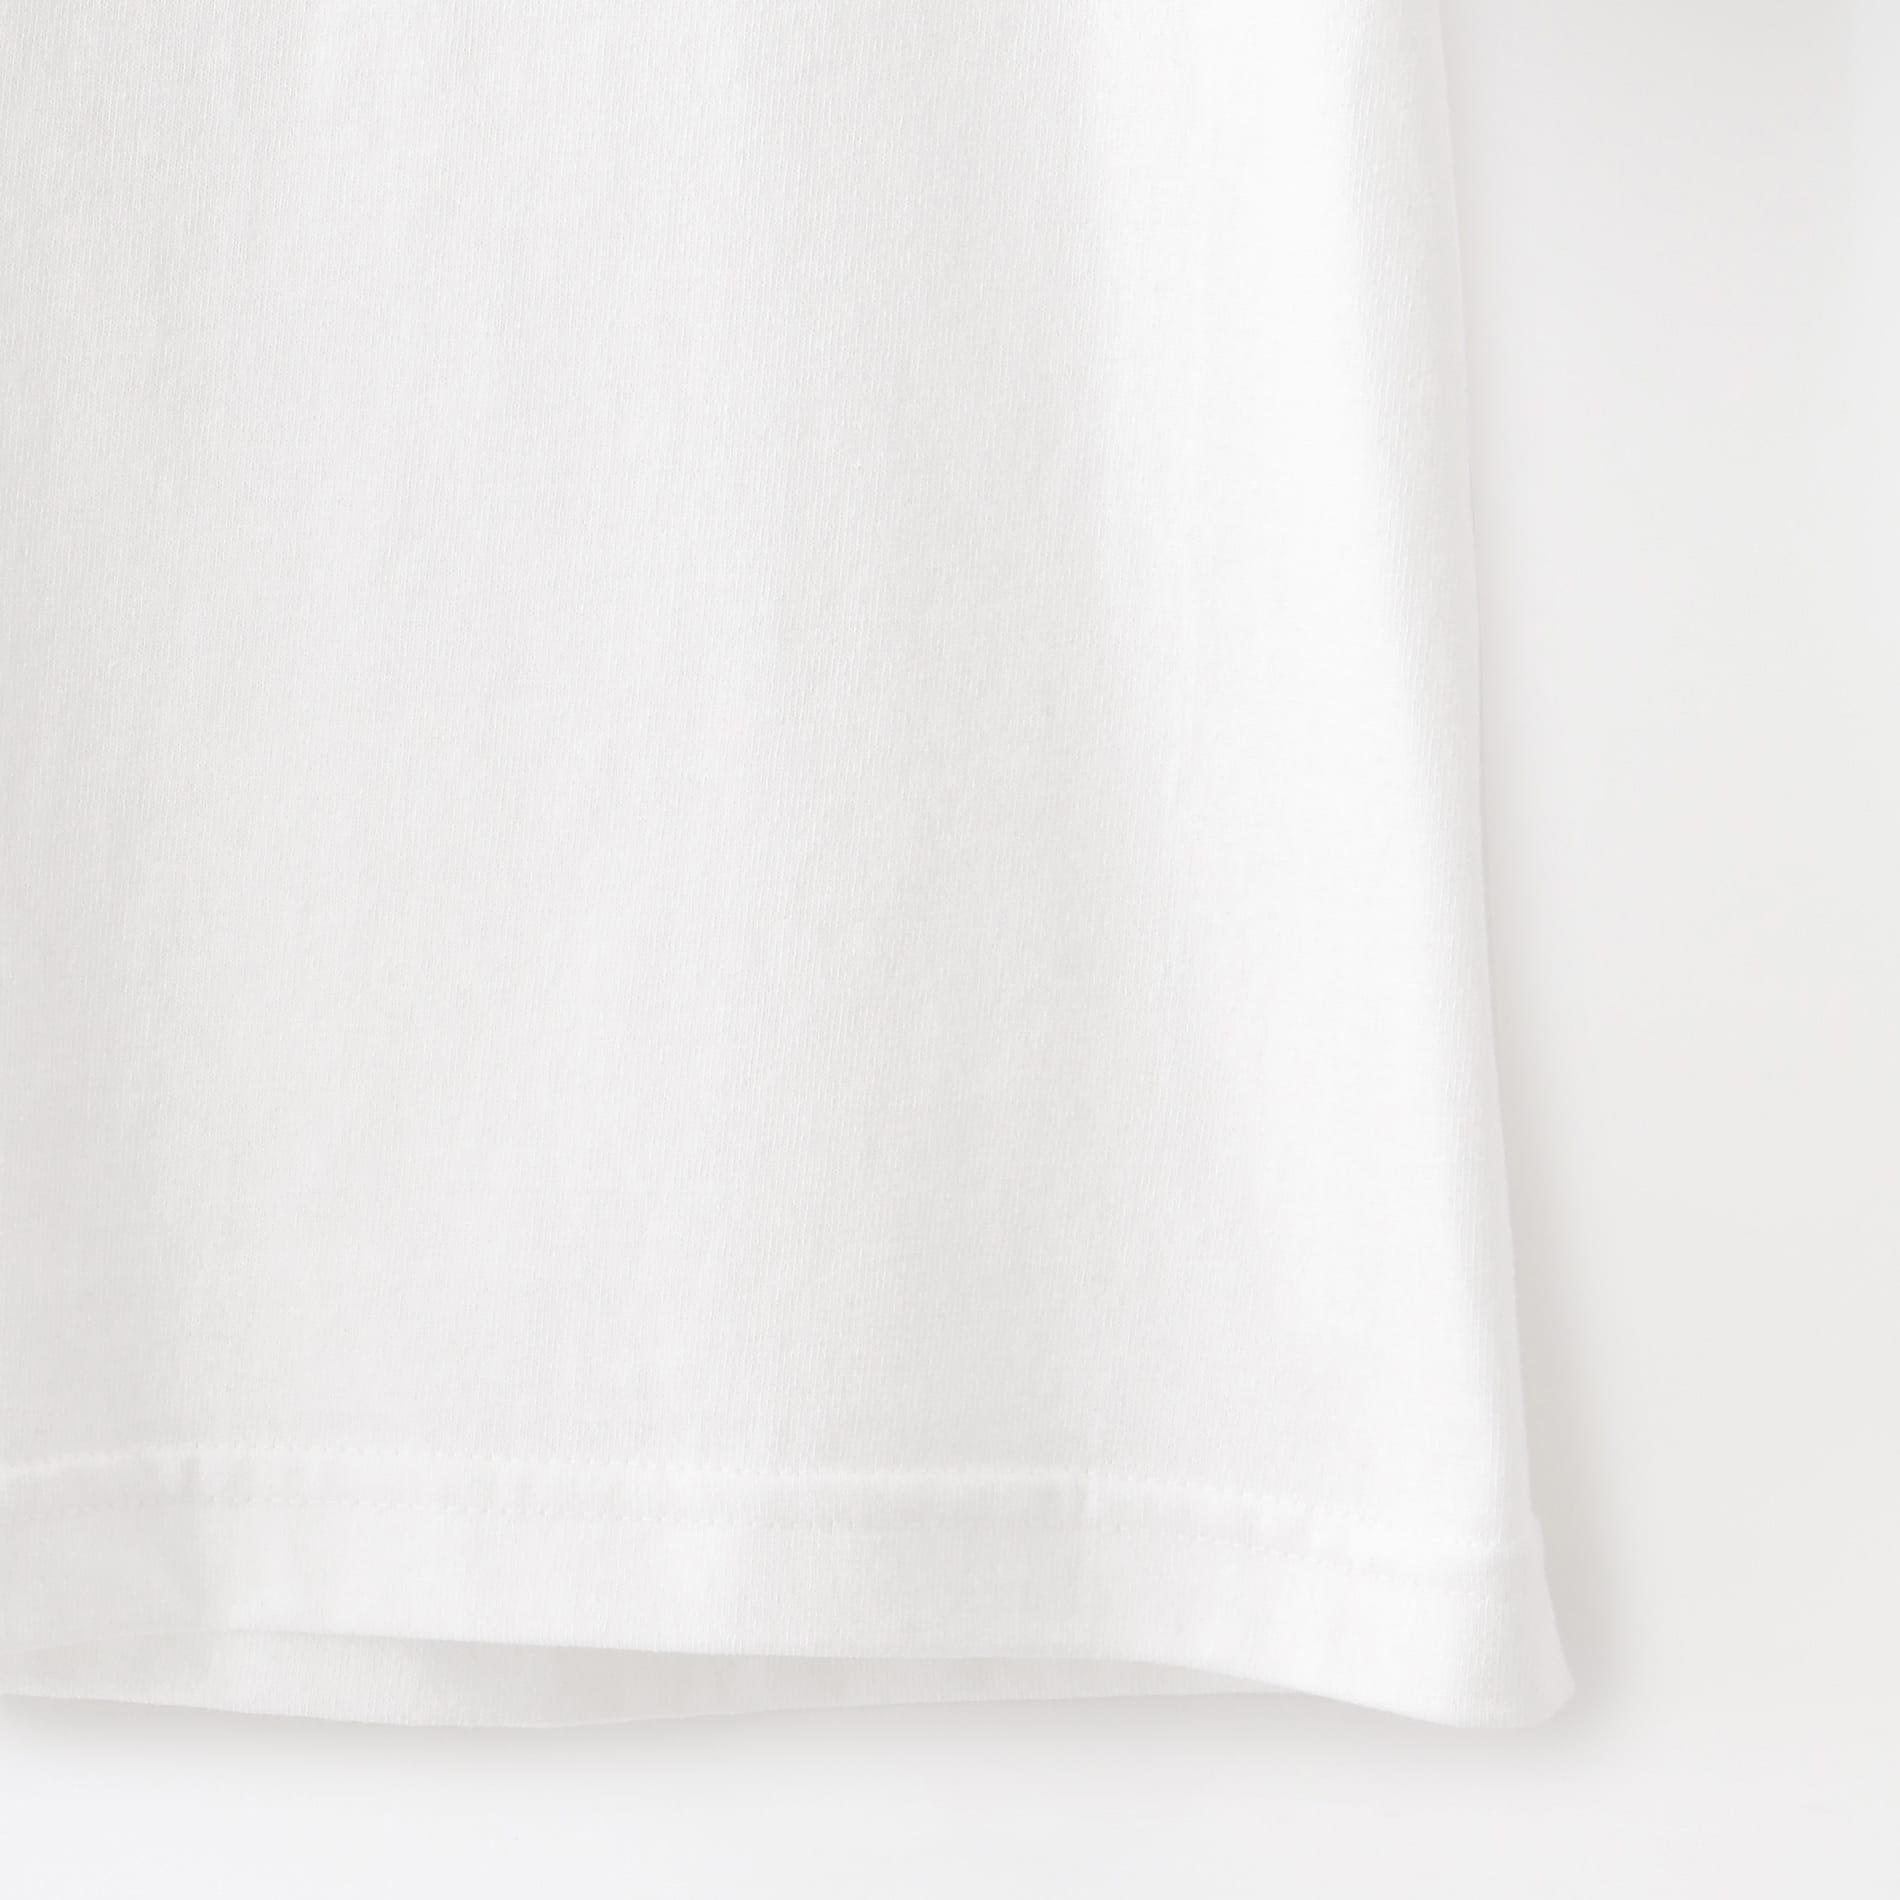 【Filphies】MEN Tシャツ Harlem Cat, Harlem New York 10026 FP007SS